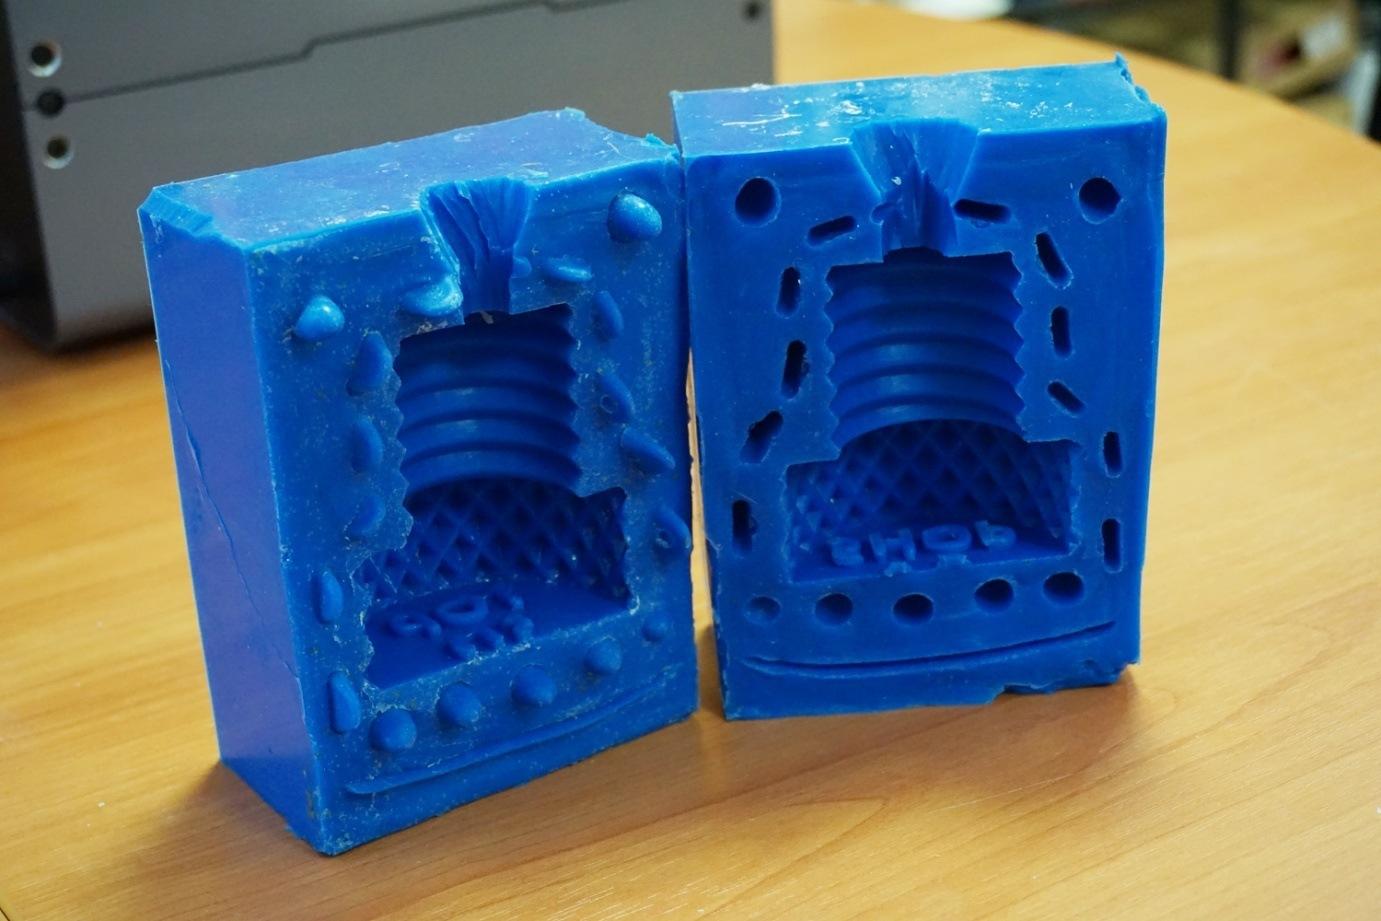 Качественные изделия из пластмассы от компании ОСТ-3